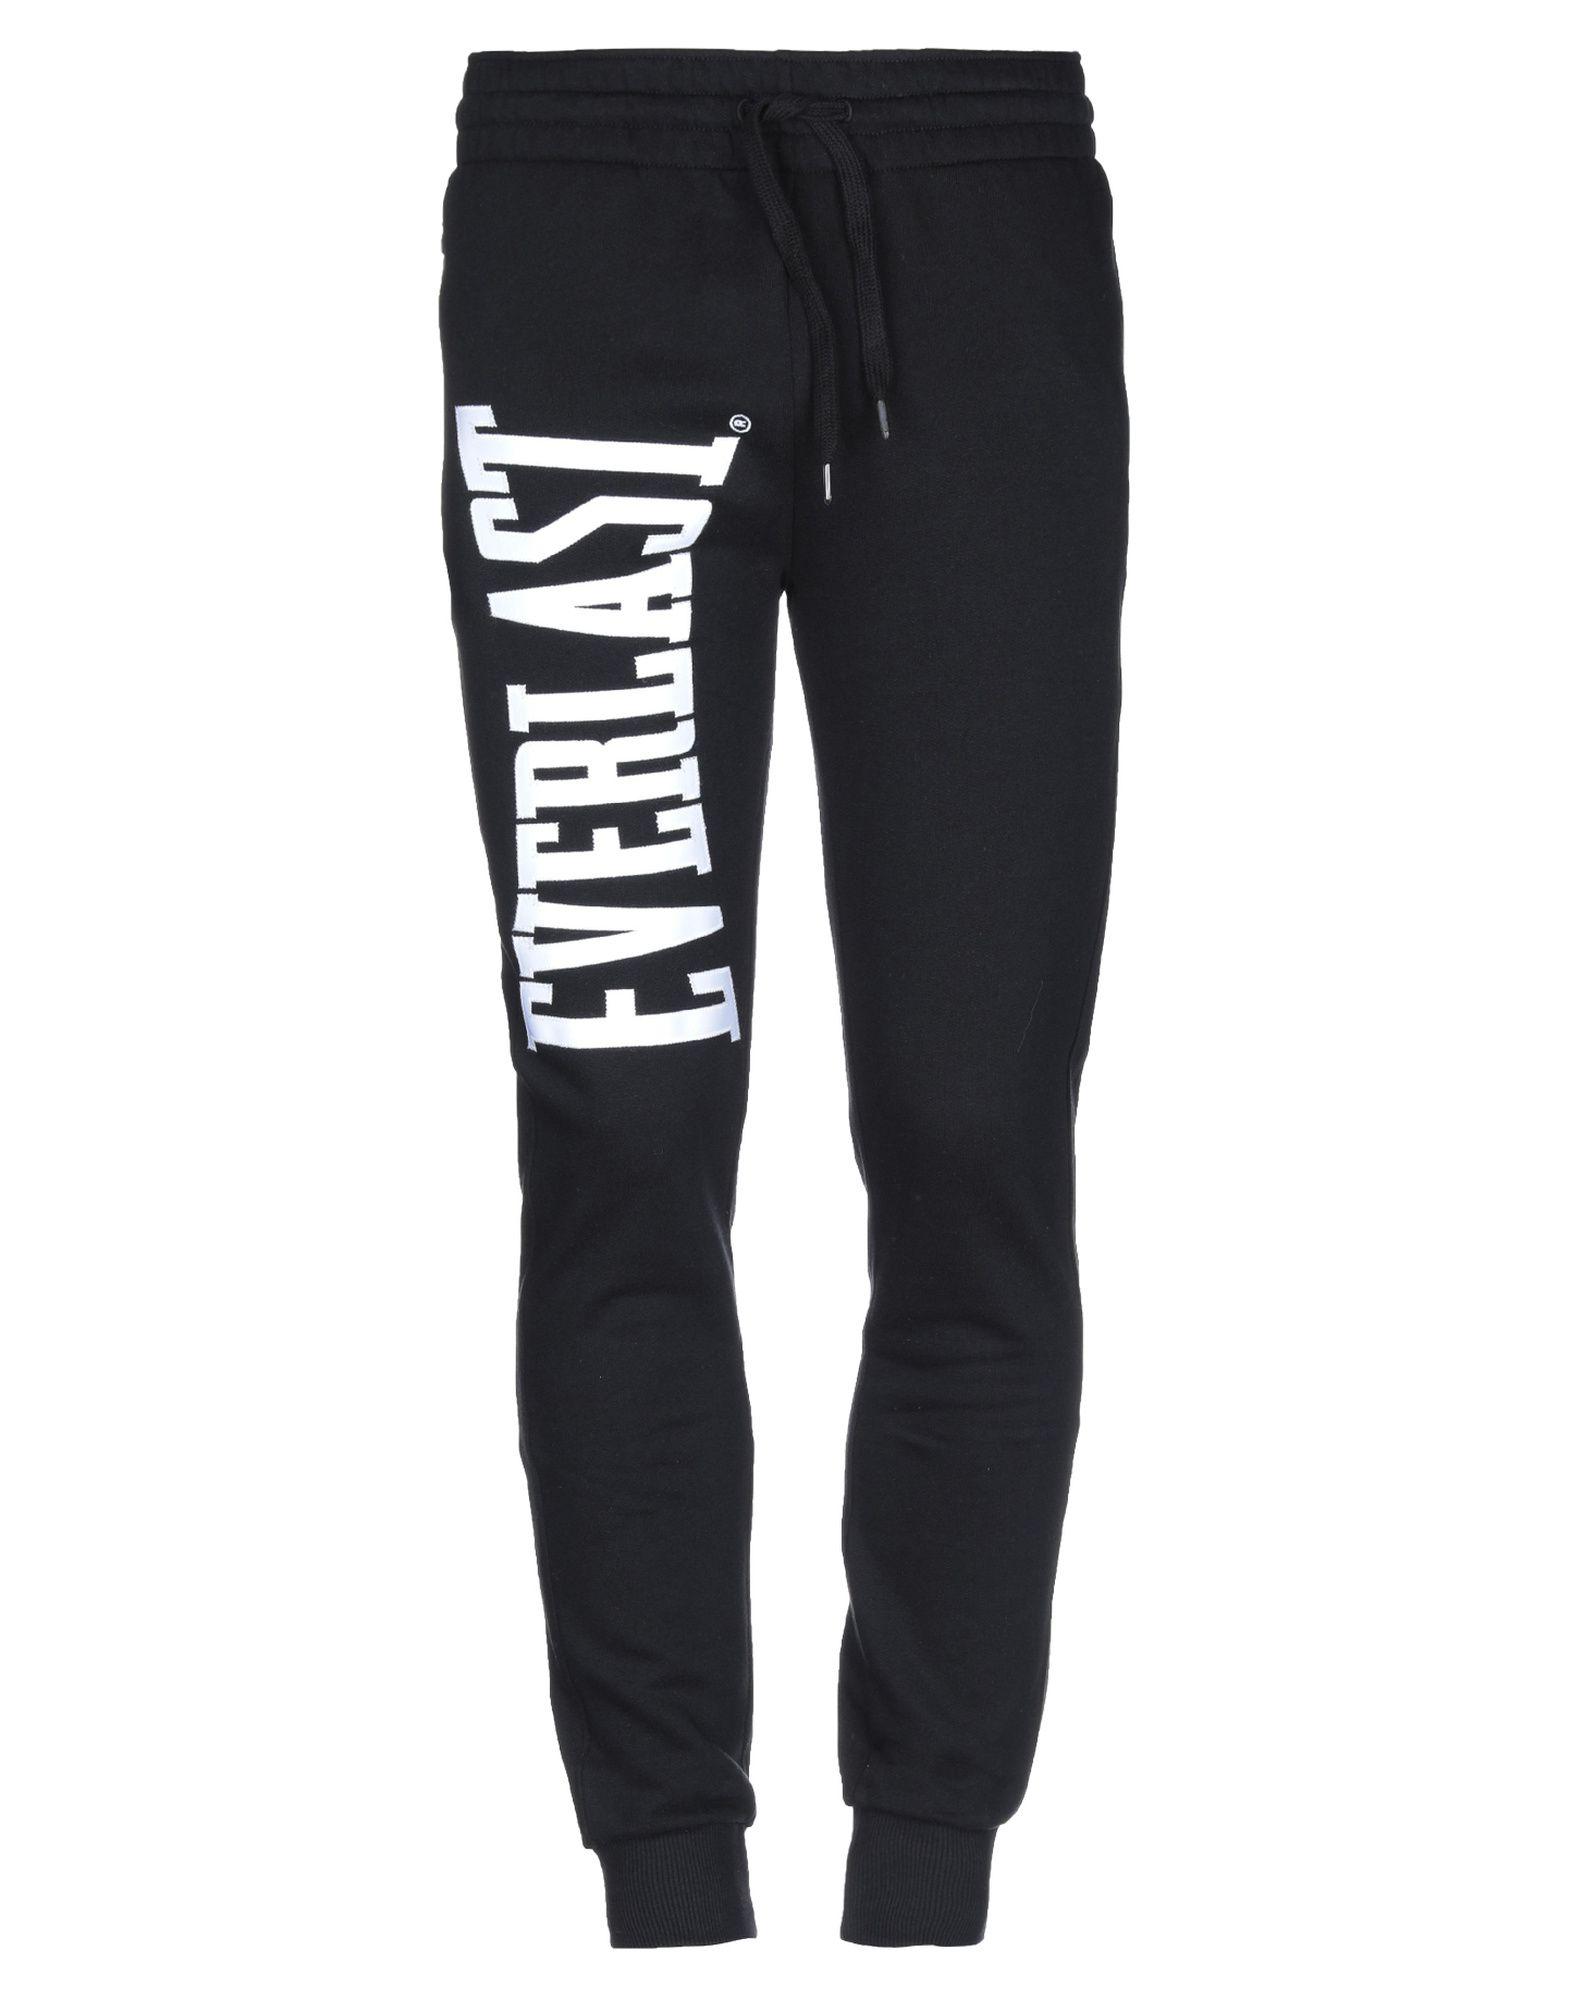 《送料無料》EVERLAST メンズ パンツ ブラック XS コットン 100%